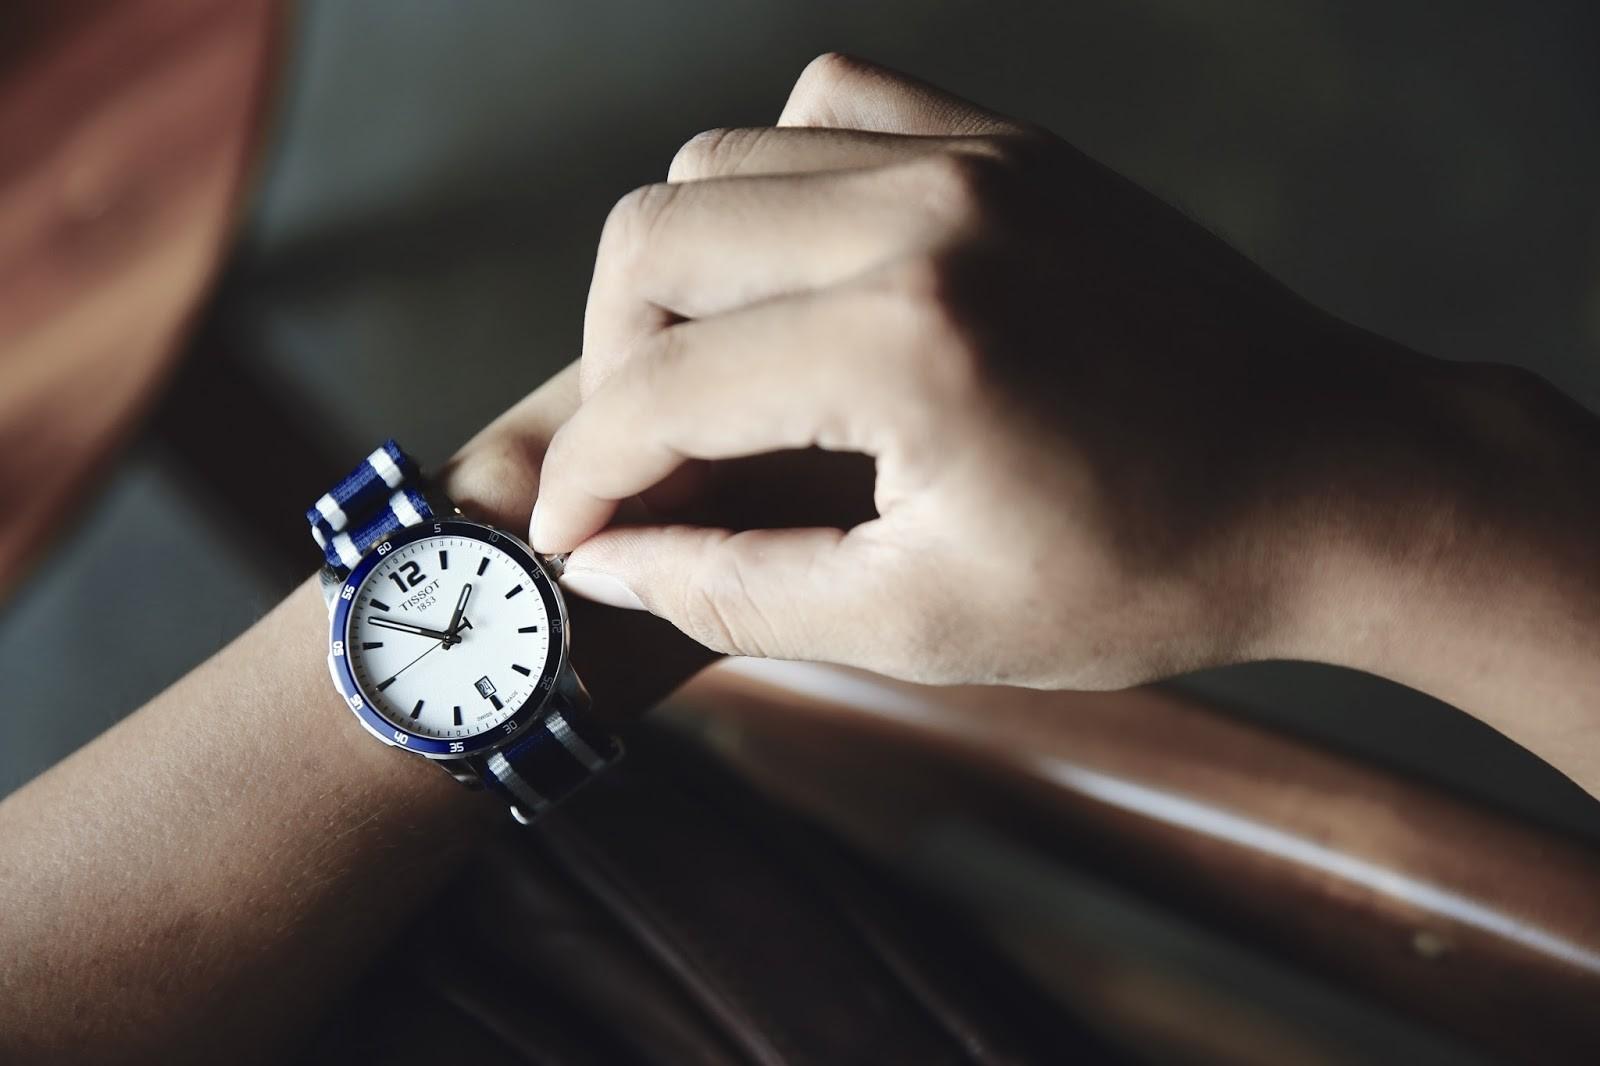 bán đồng hồ Thụy Sỹ chính hãng